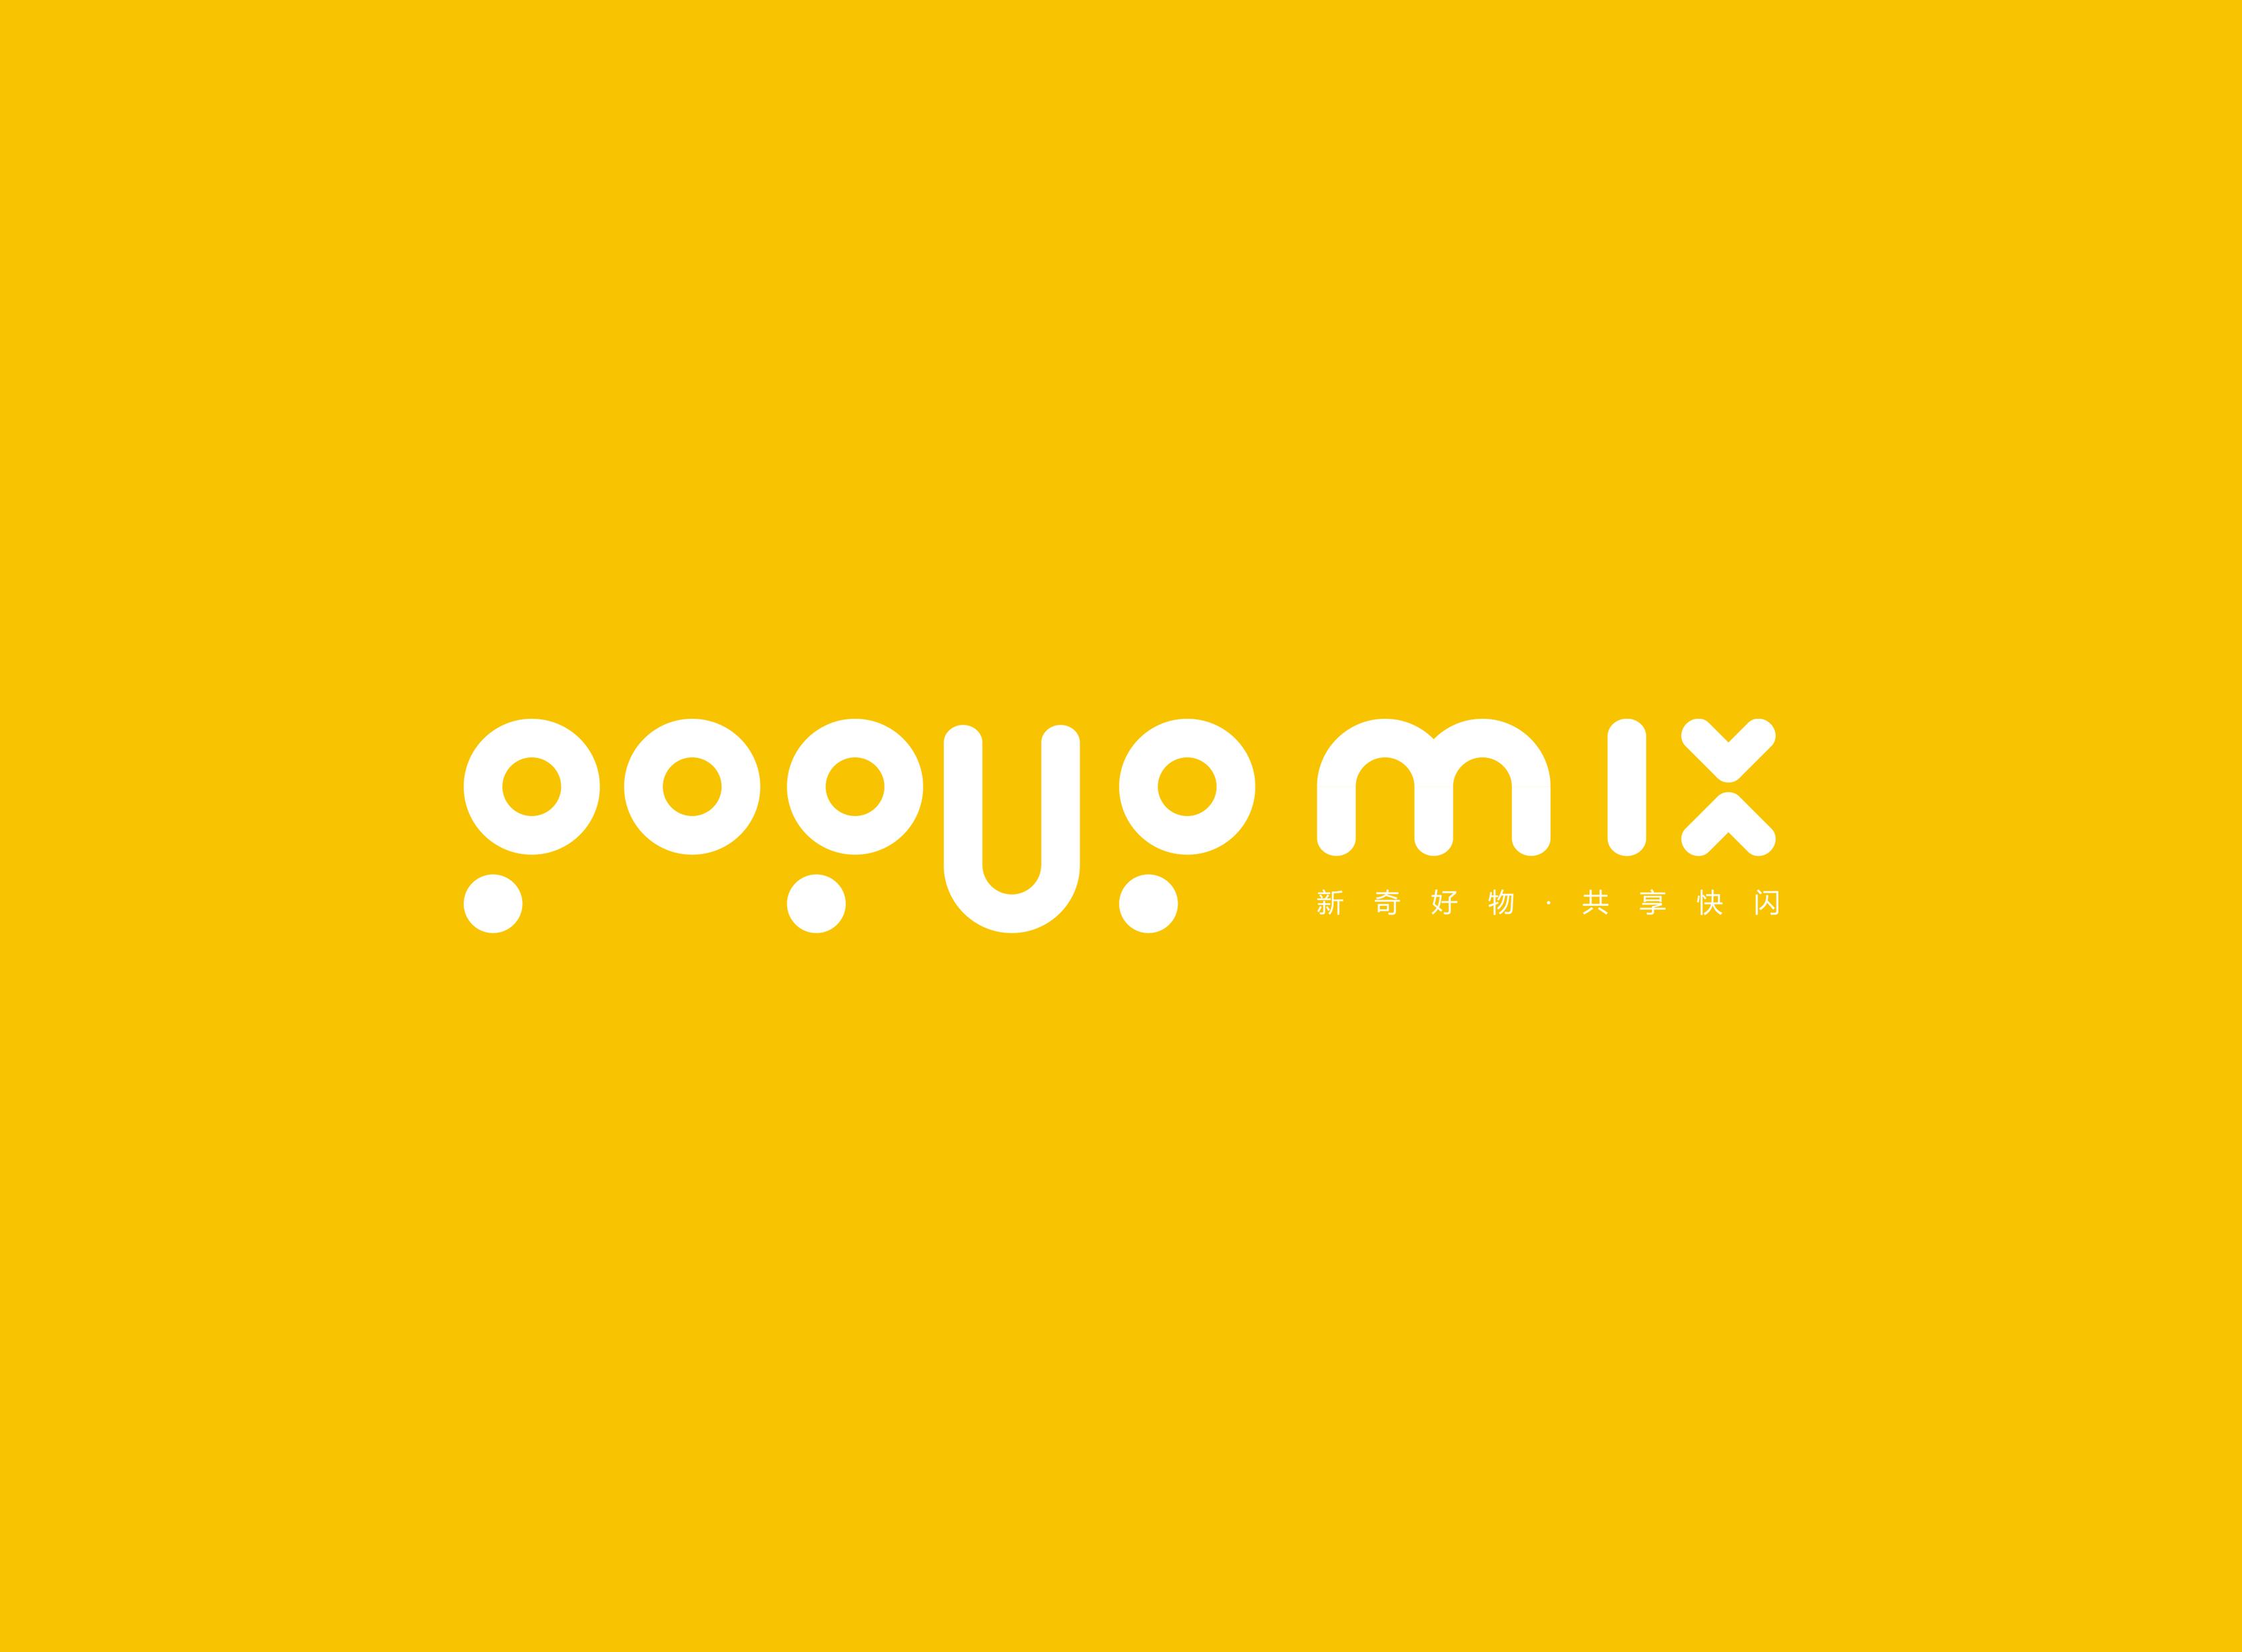 PopUp-Mix共享快闪店